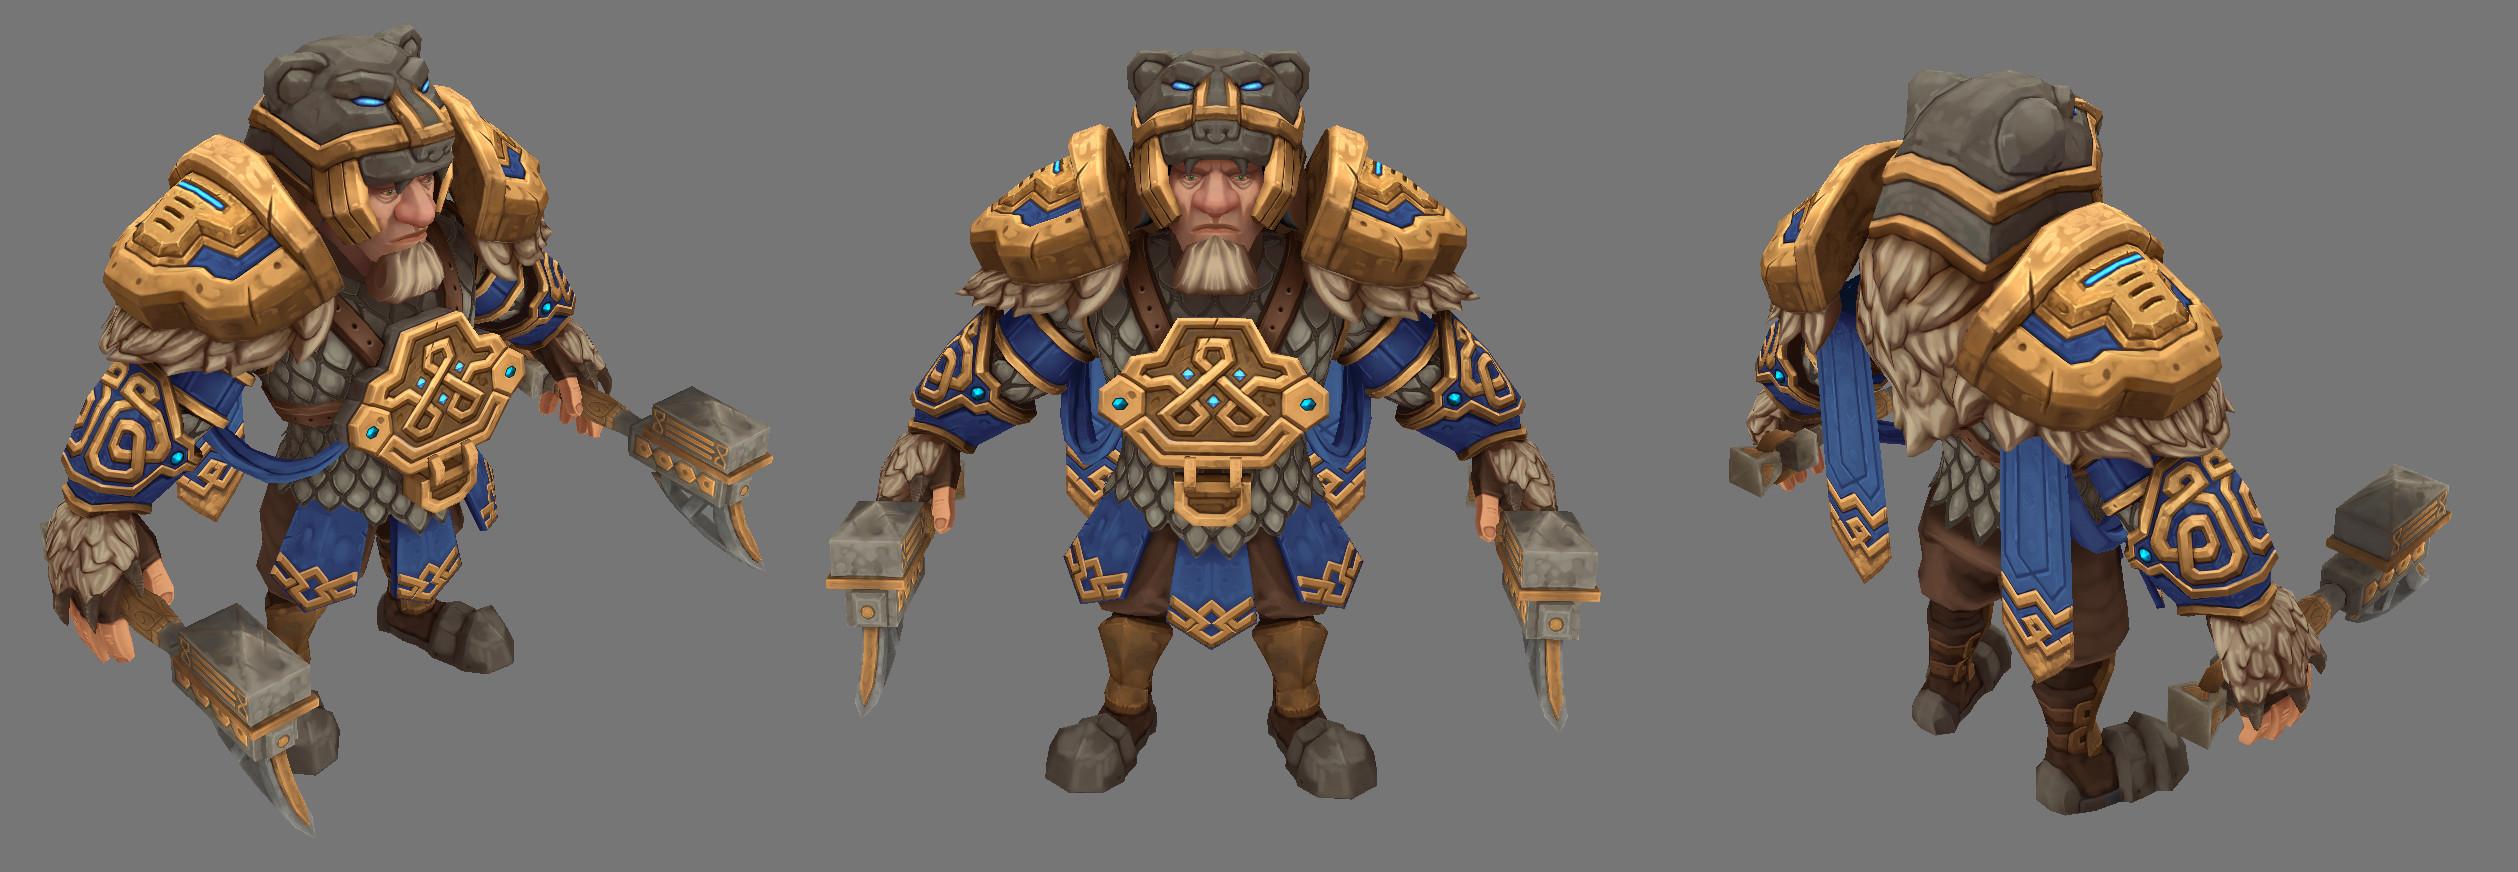 Warrior King turn around